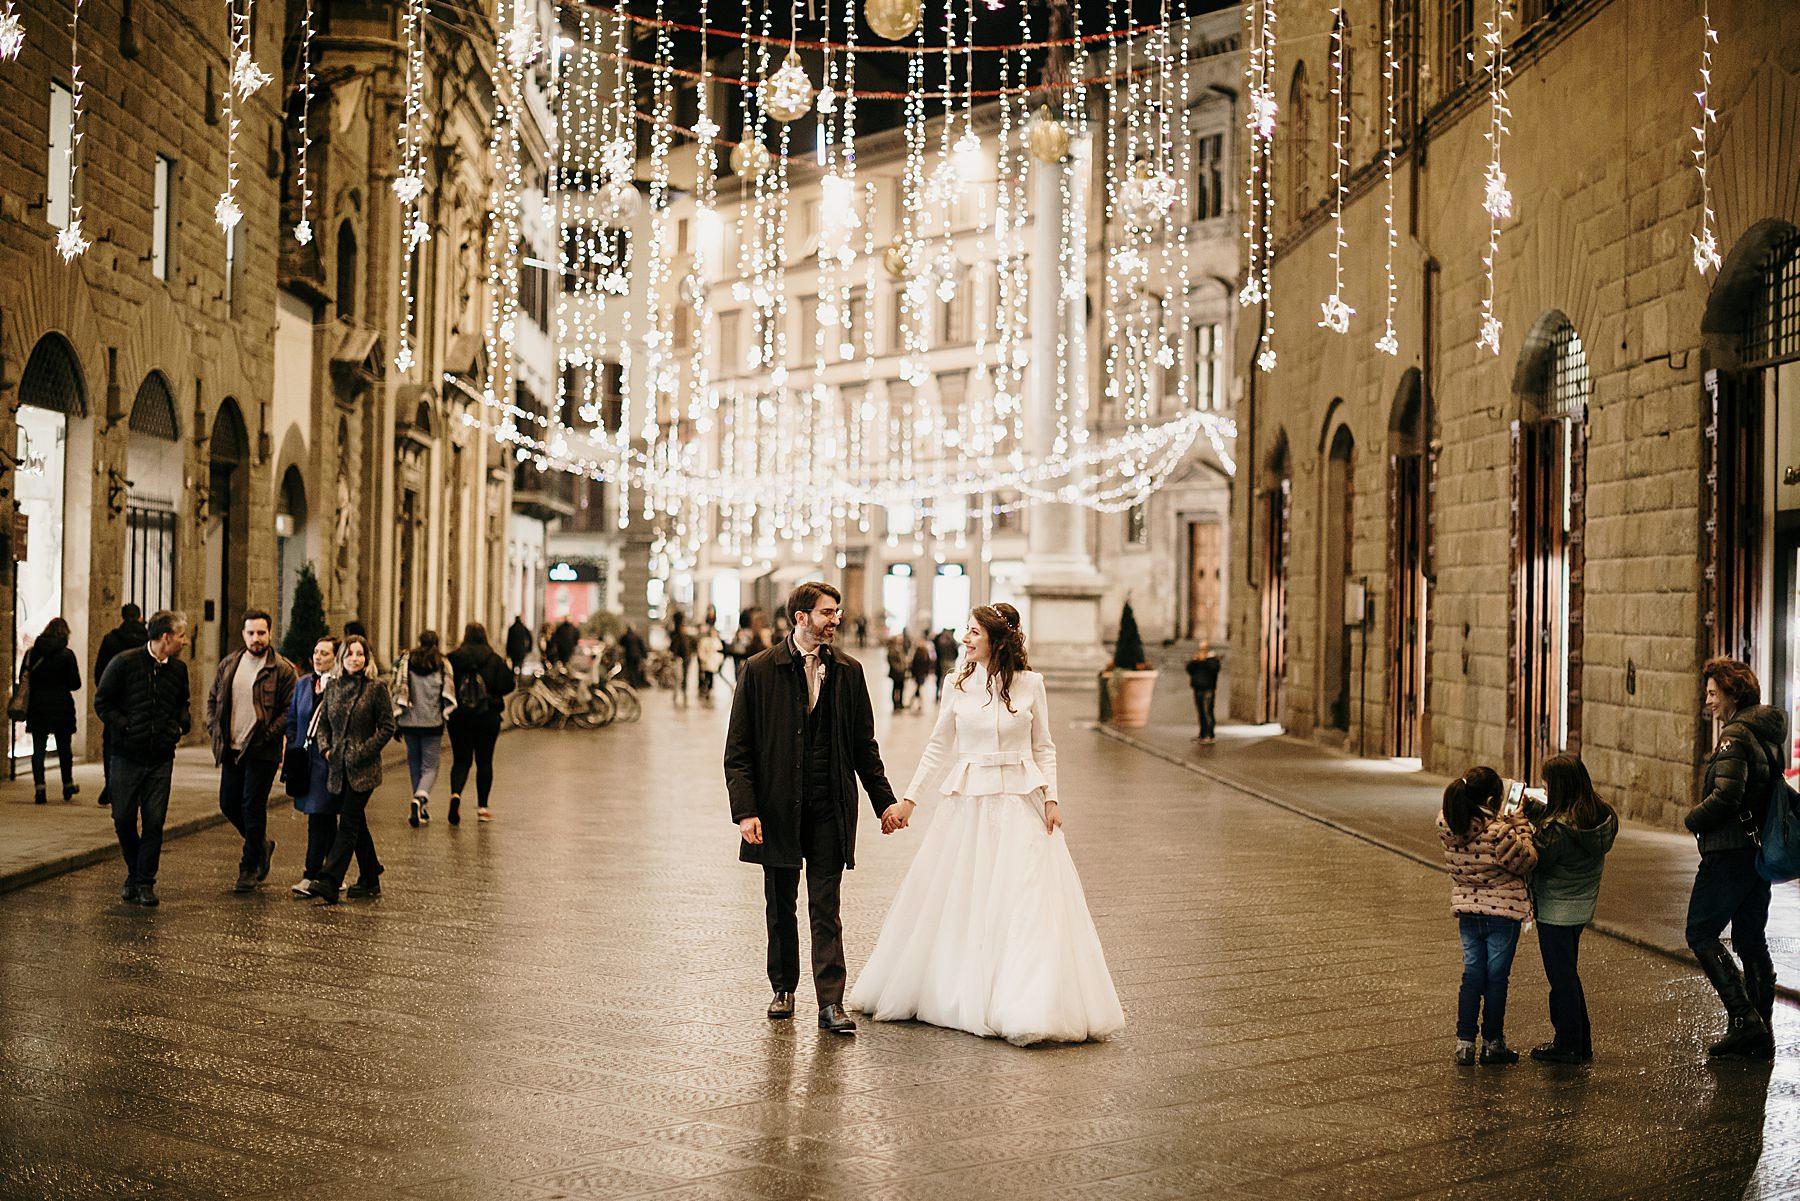 fotografia di matrimonio a firenze in inverno 784